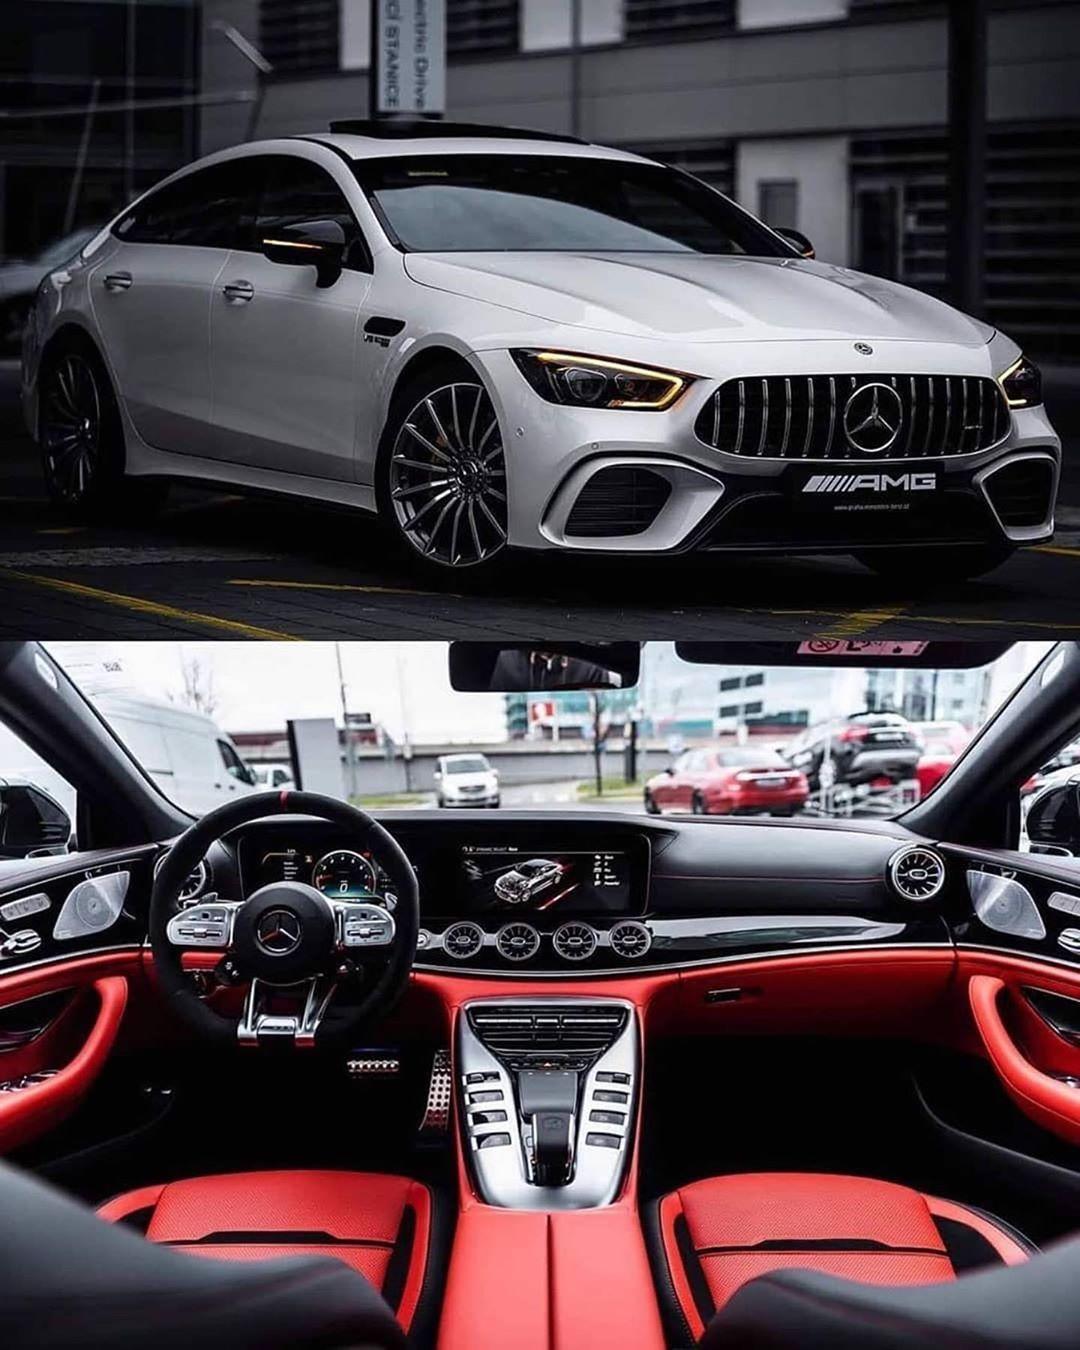 Mercedes Amg White Red Interiordesign Interior Exterior